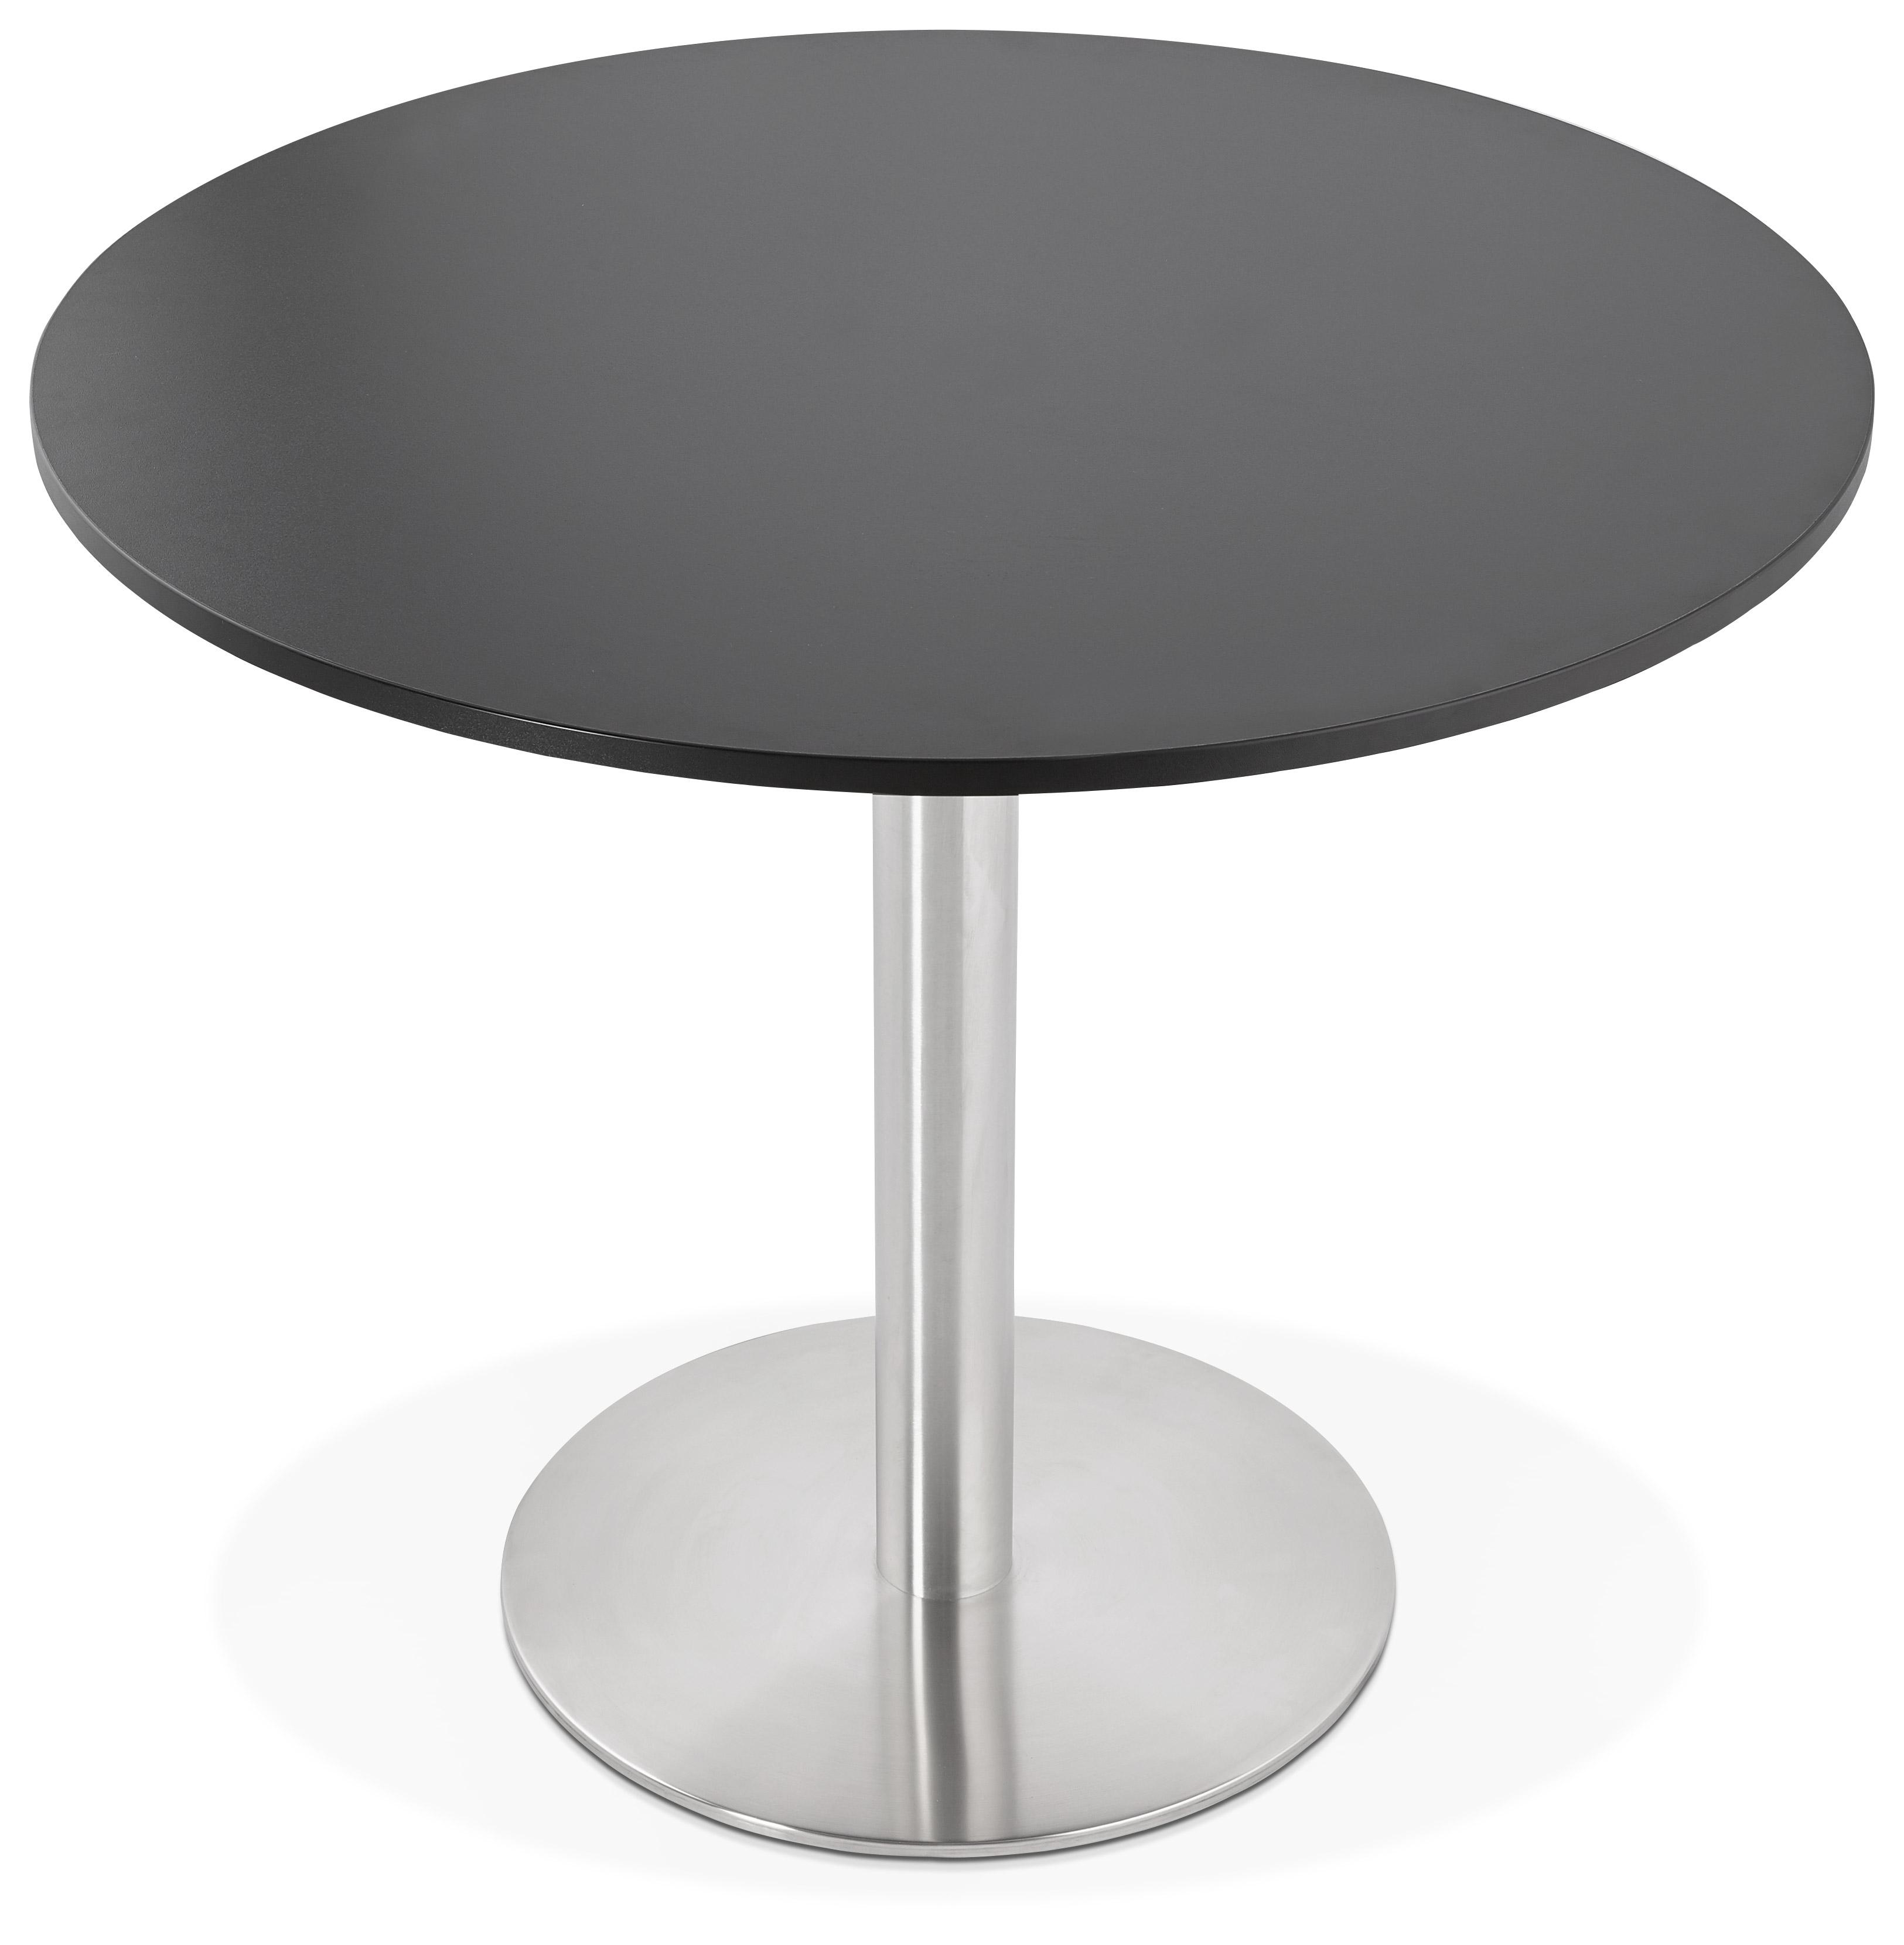 Petite table de bureau / à diner ronde ´DALLAS´ noire - Ø 90 cm